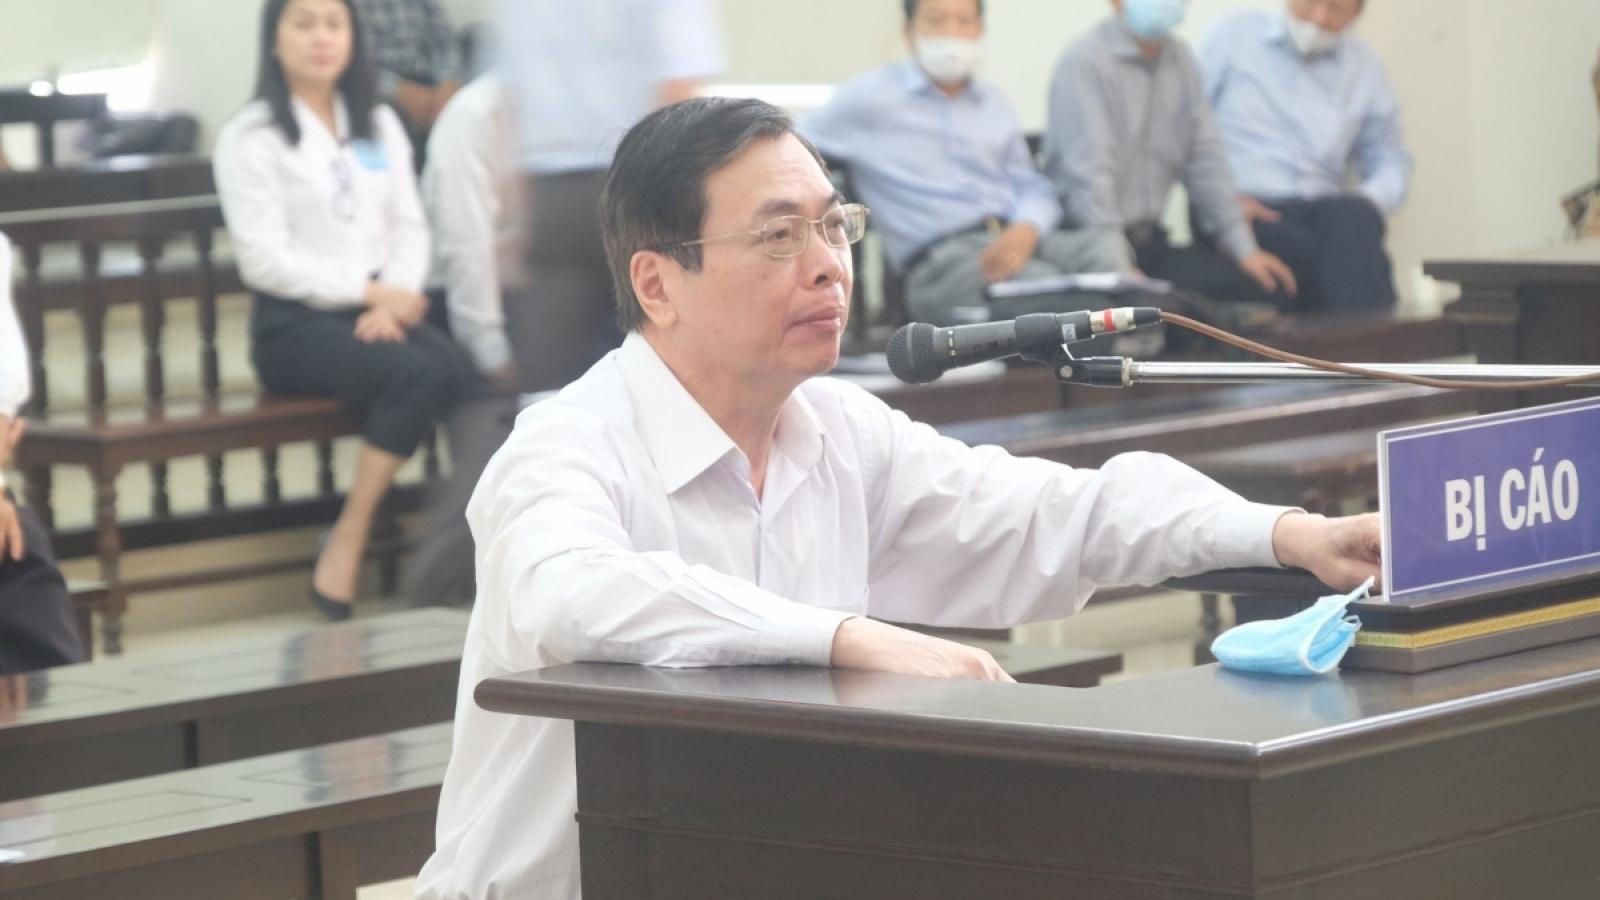 Nóng 24h: Cựu Bộ trưởng Vũ Huy Hoàng bị đề nghị 10-11 năm tù